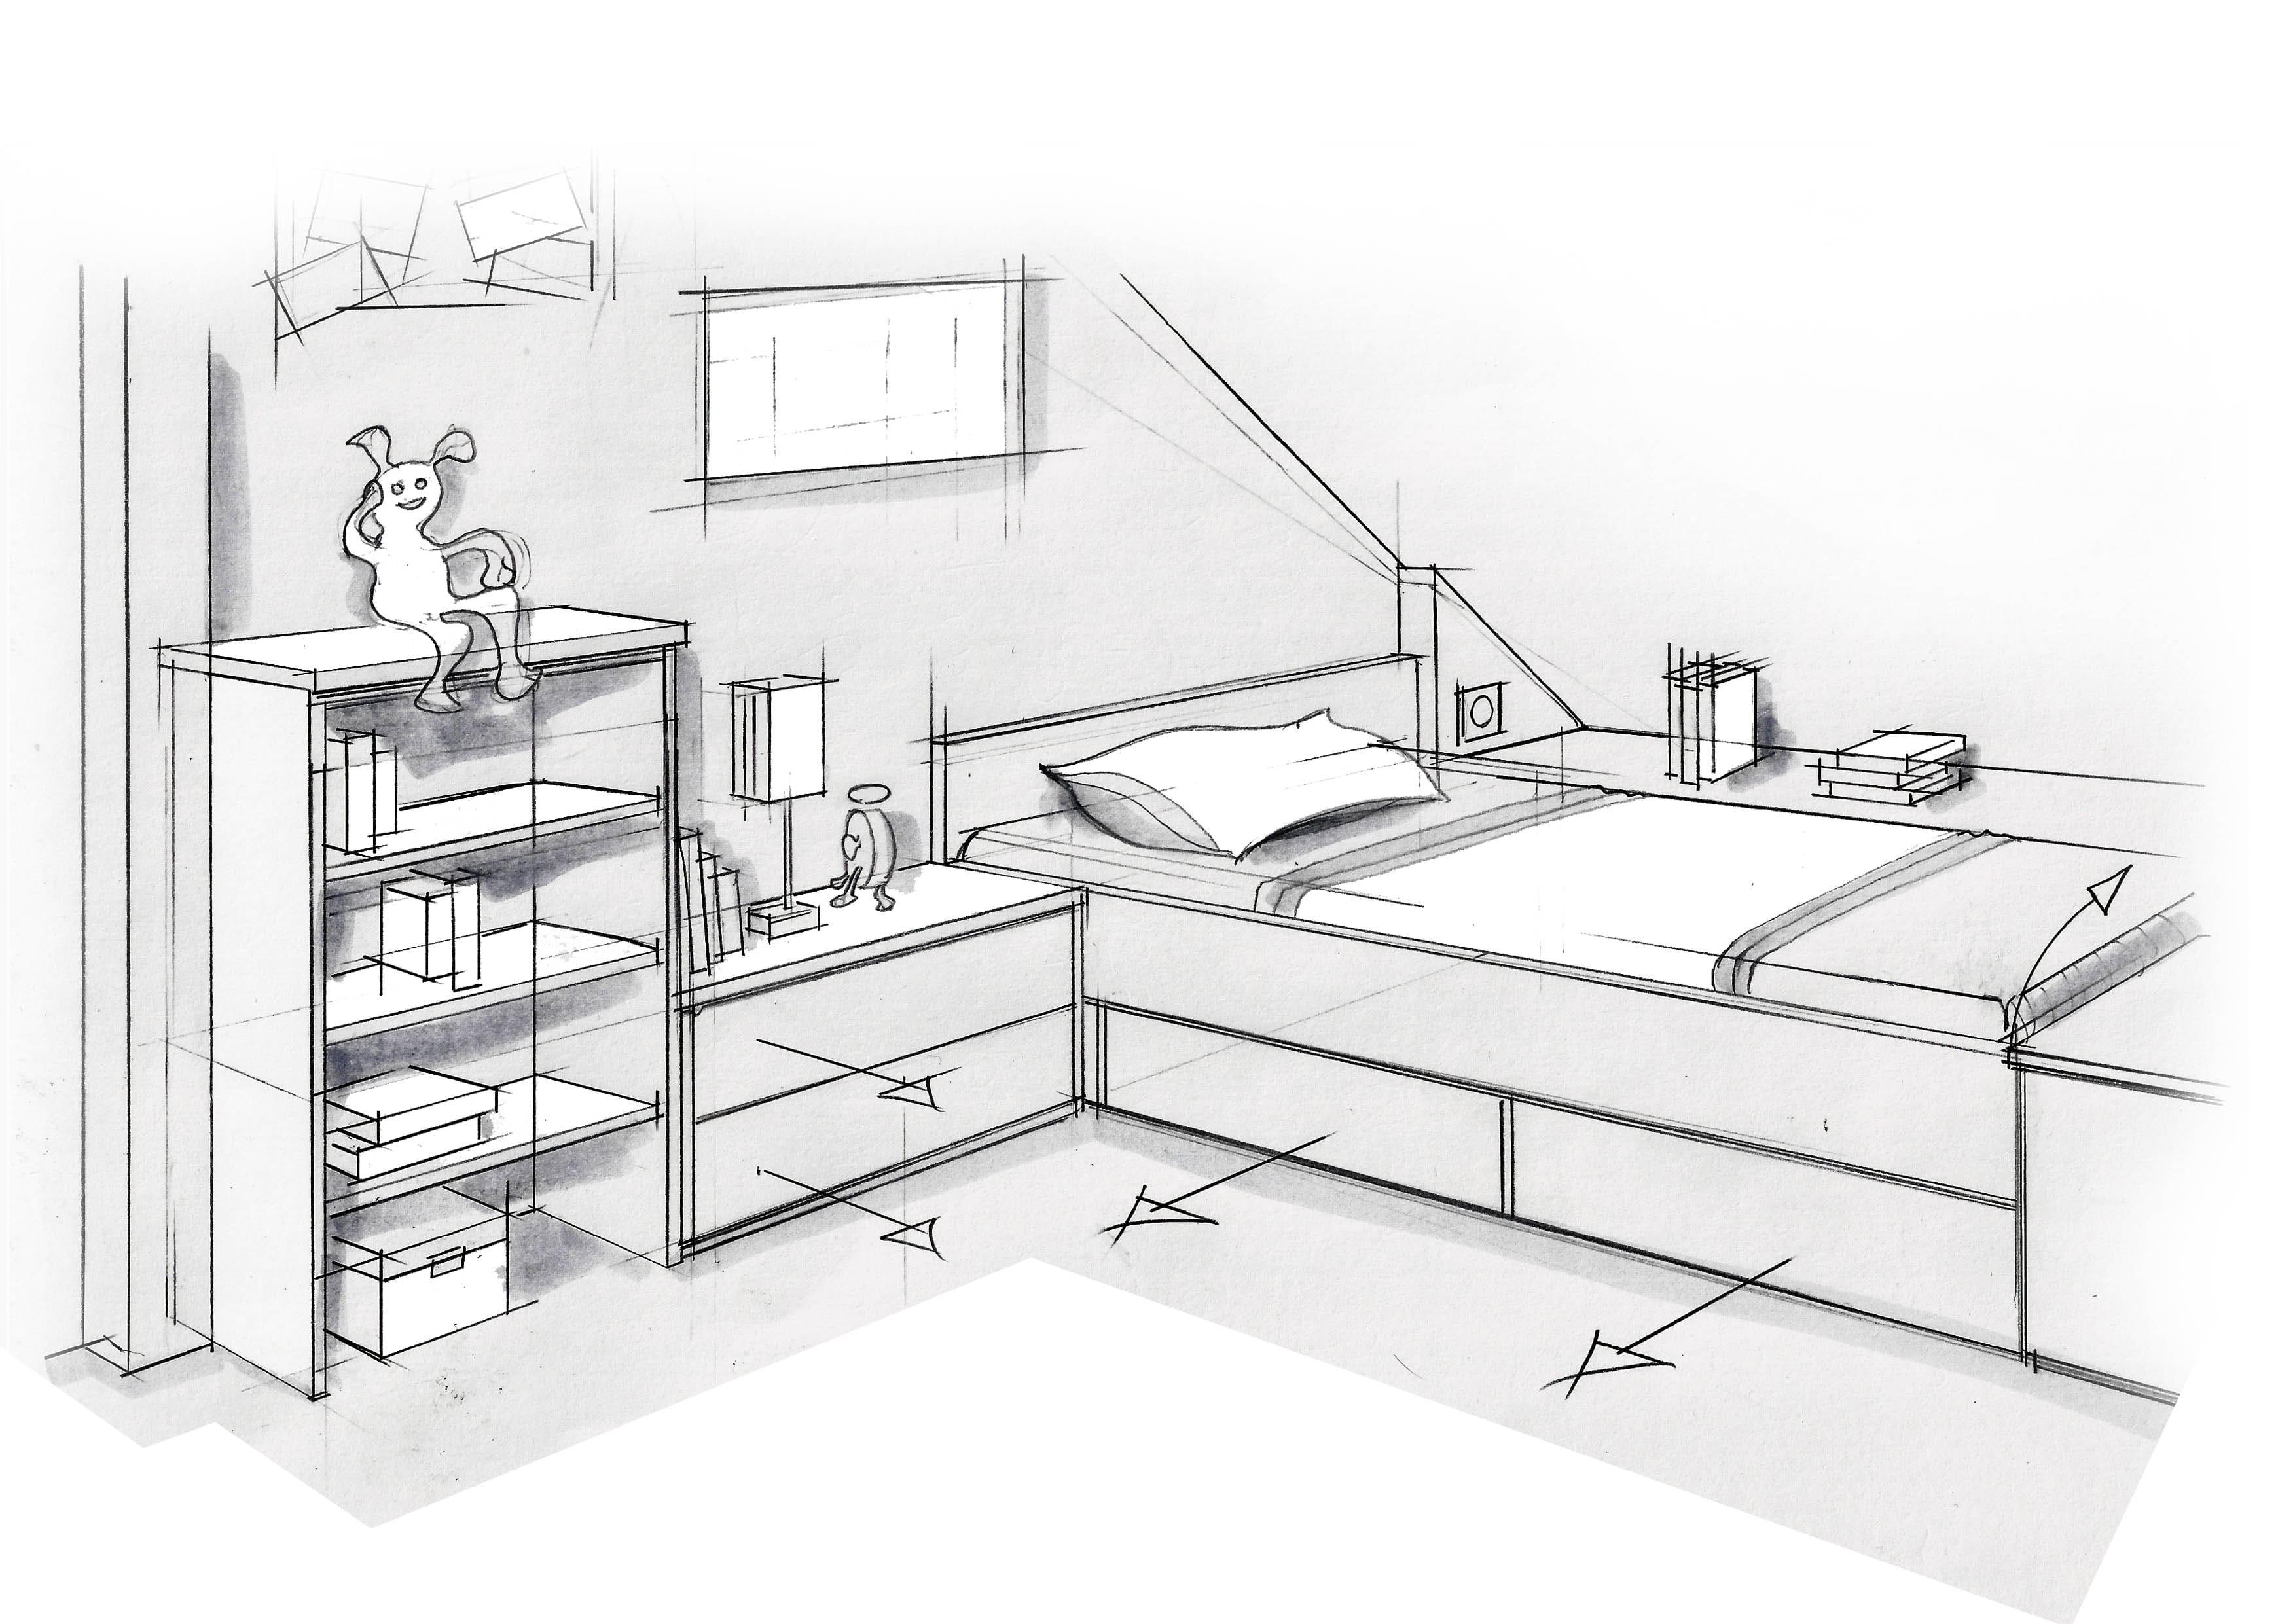 Chambre-Enfants-Projet-croquis-min